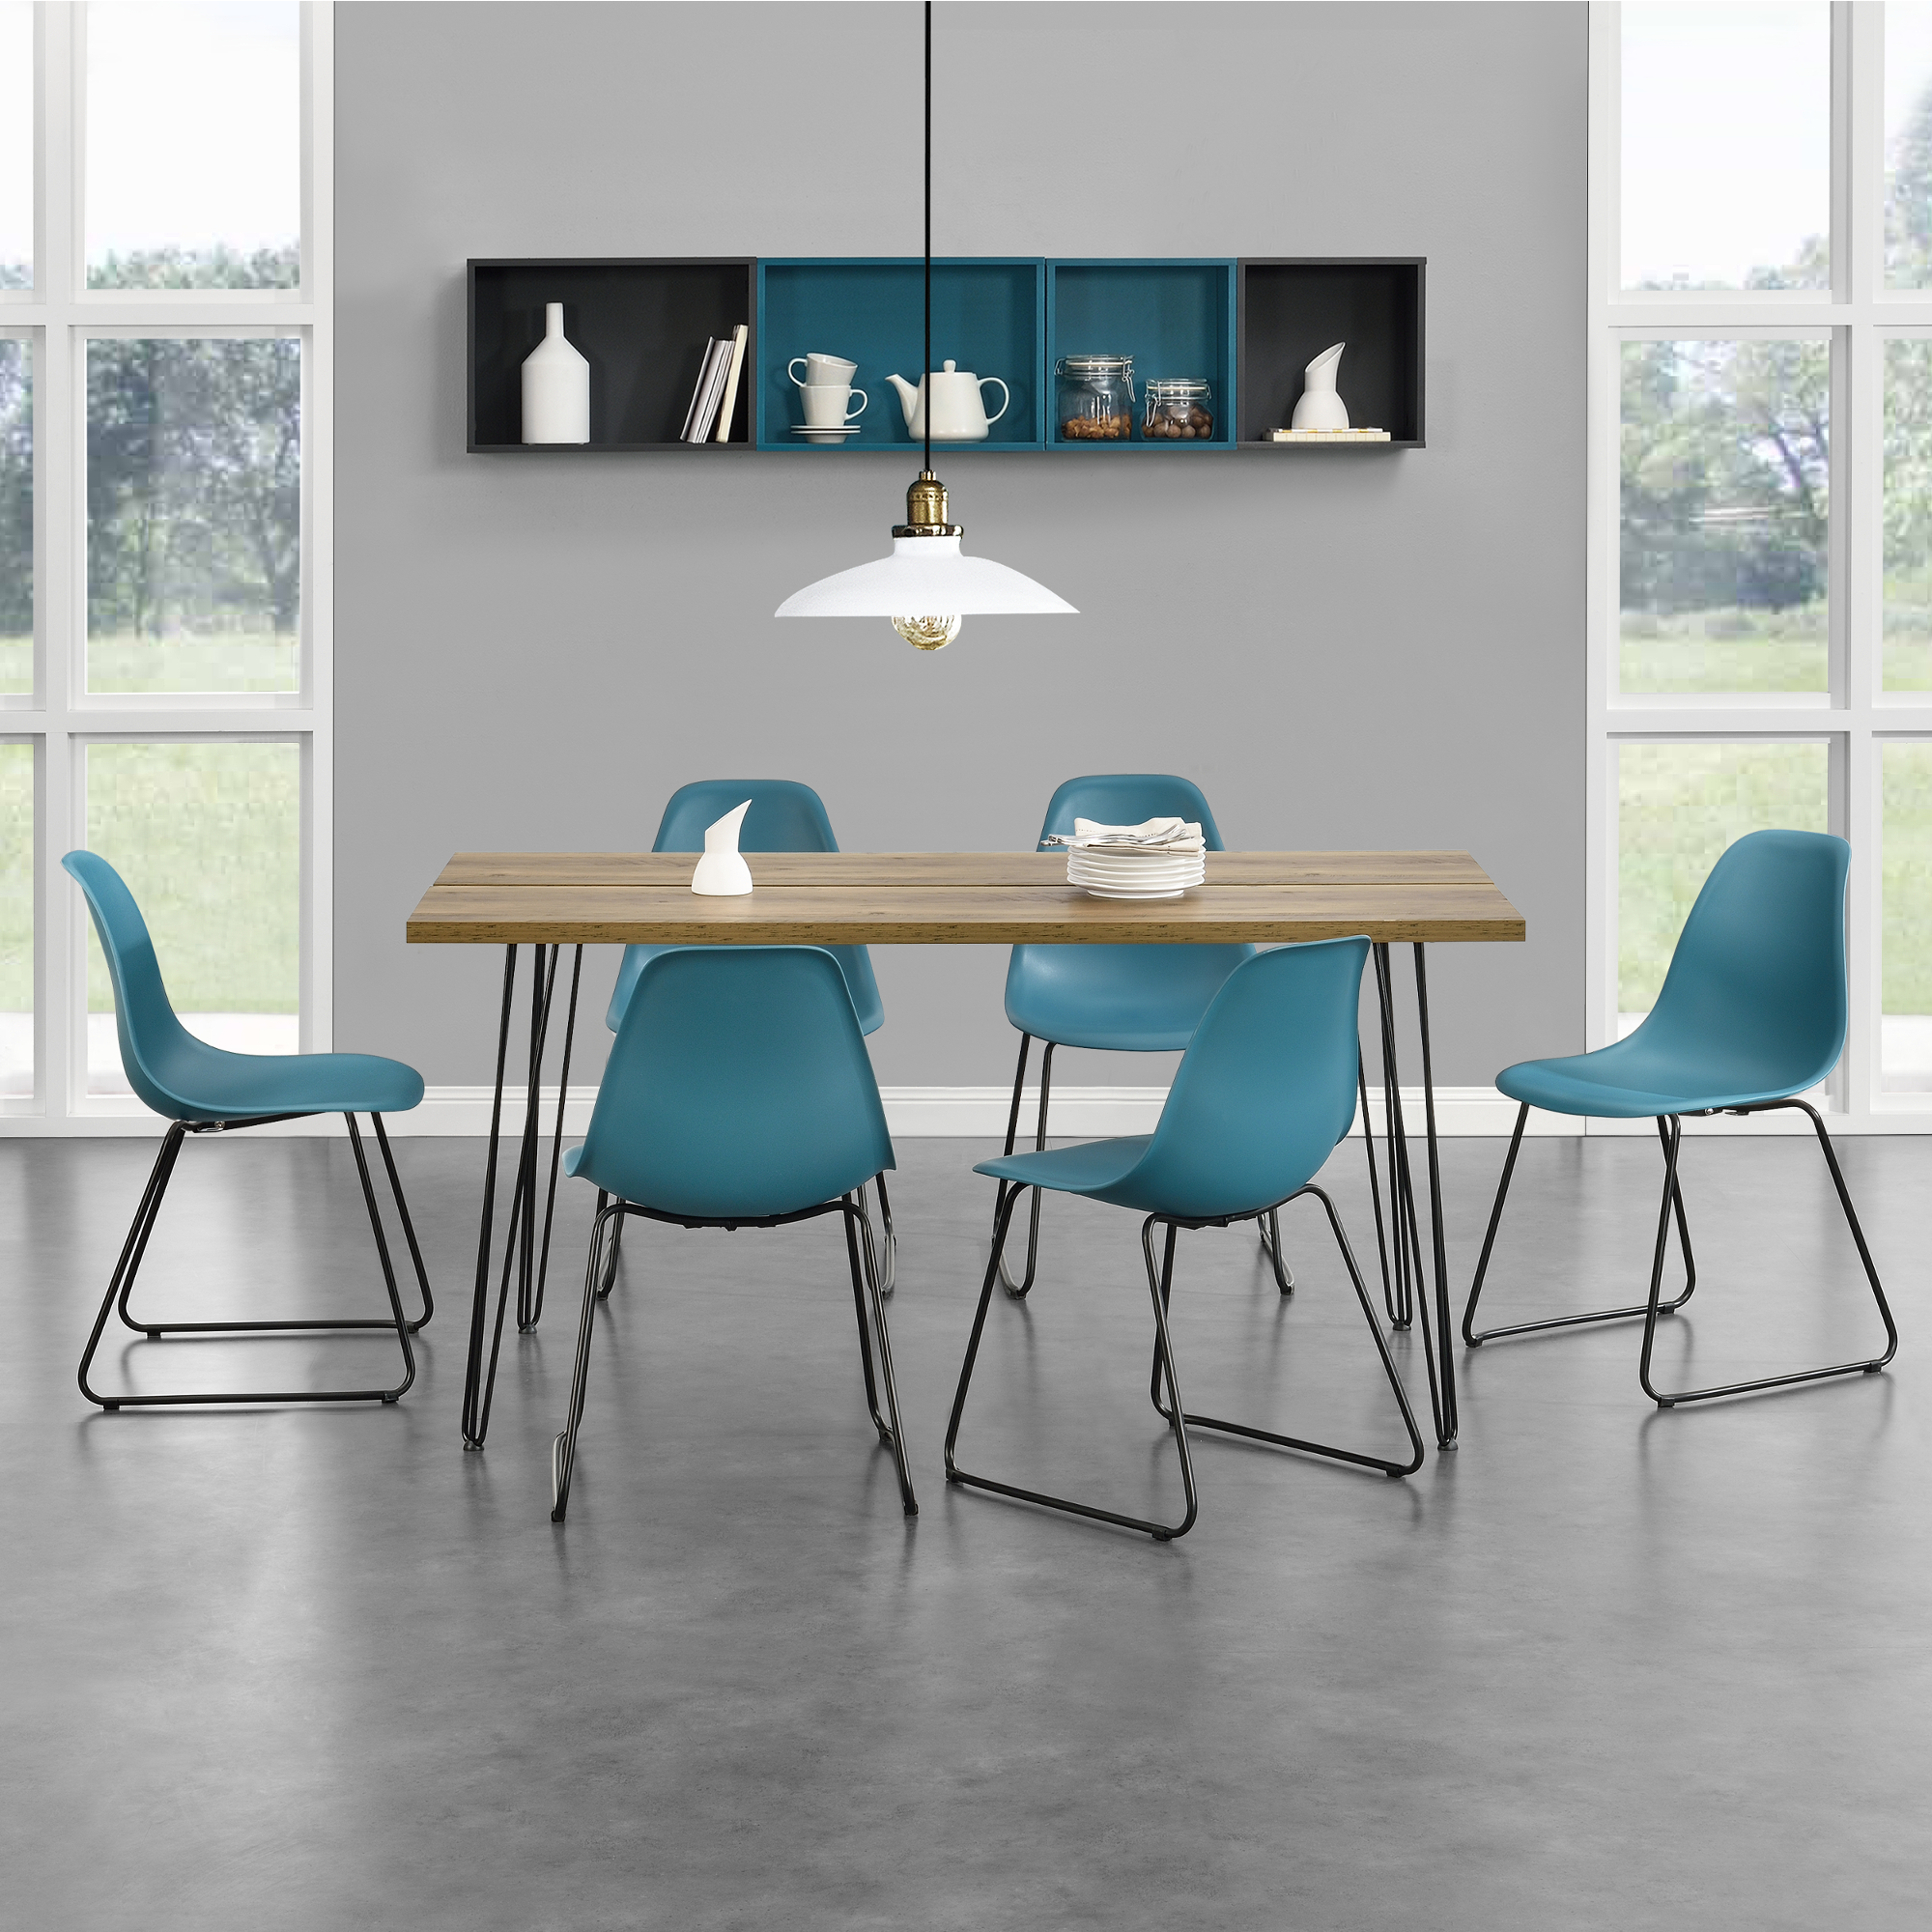 Mobel Wohnen Esstische Kuchentische Esstisch Mit 6 Stuhlen Grau Turkis 180x80cm Kuchentisch Esszimmertisch Ppipo Es